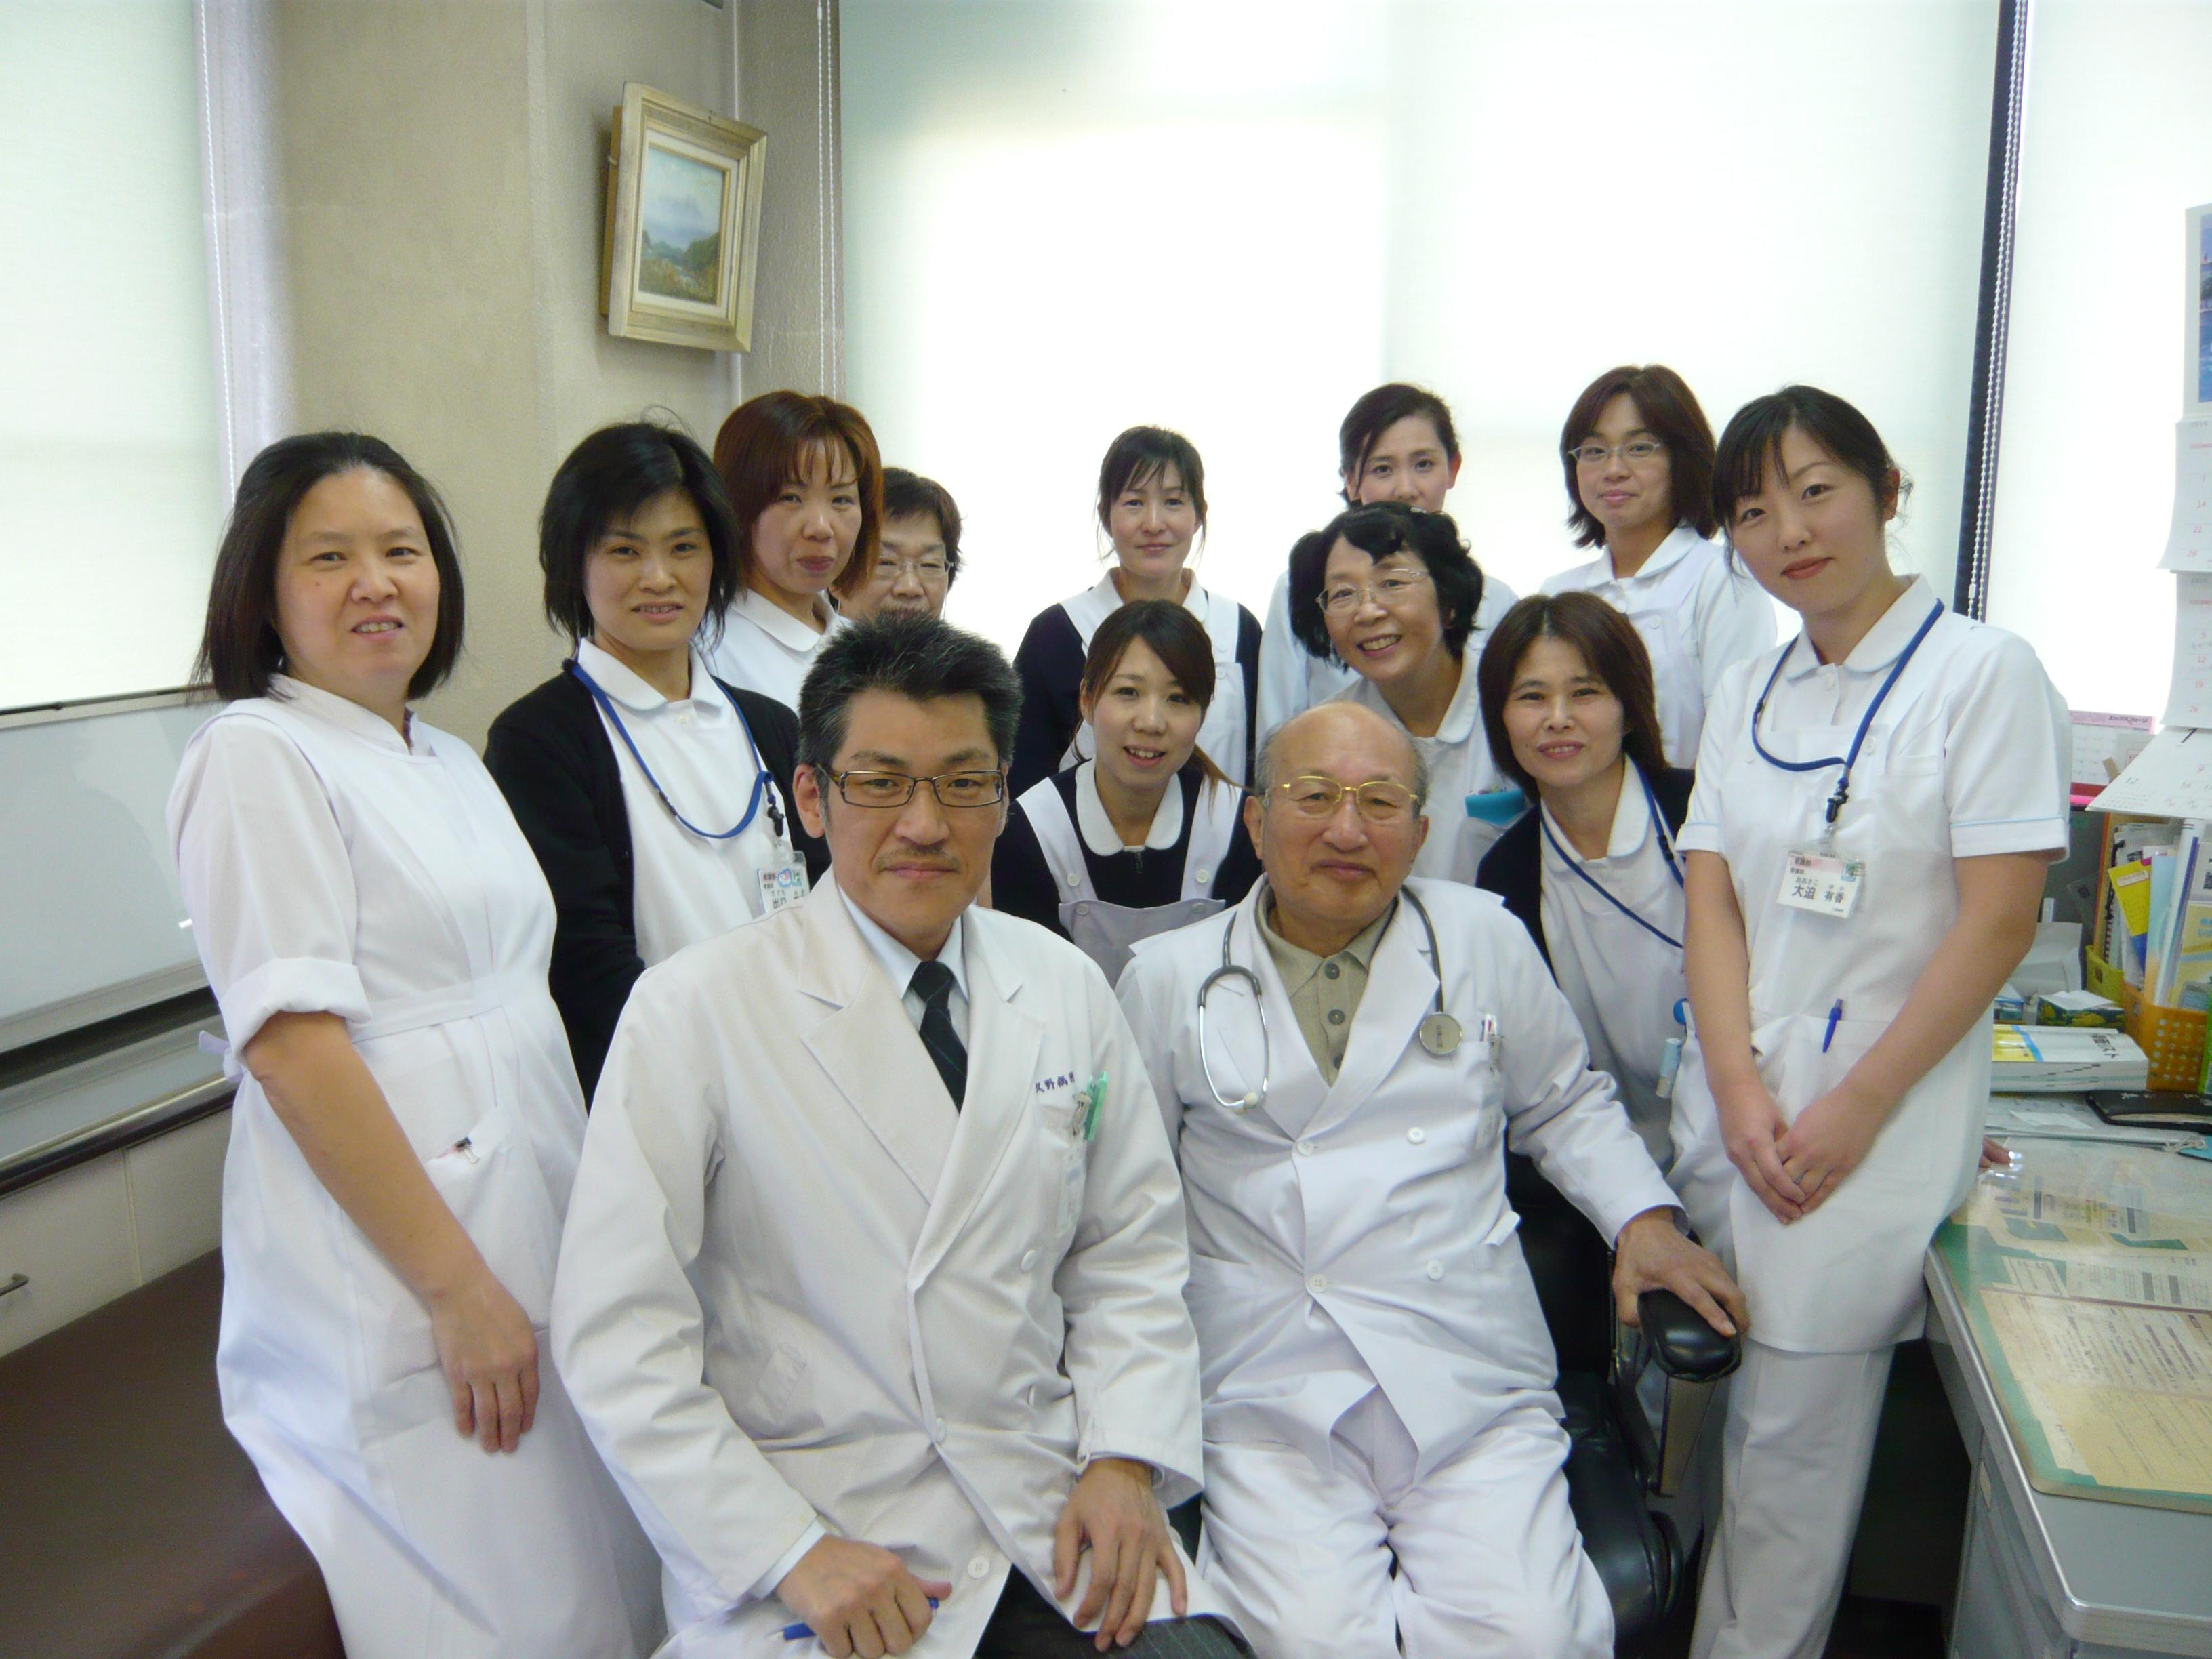 京都久野病院の写真1001